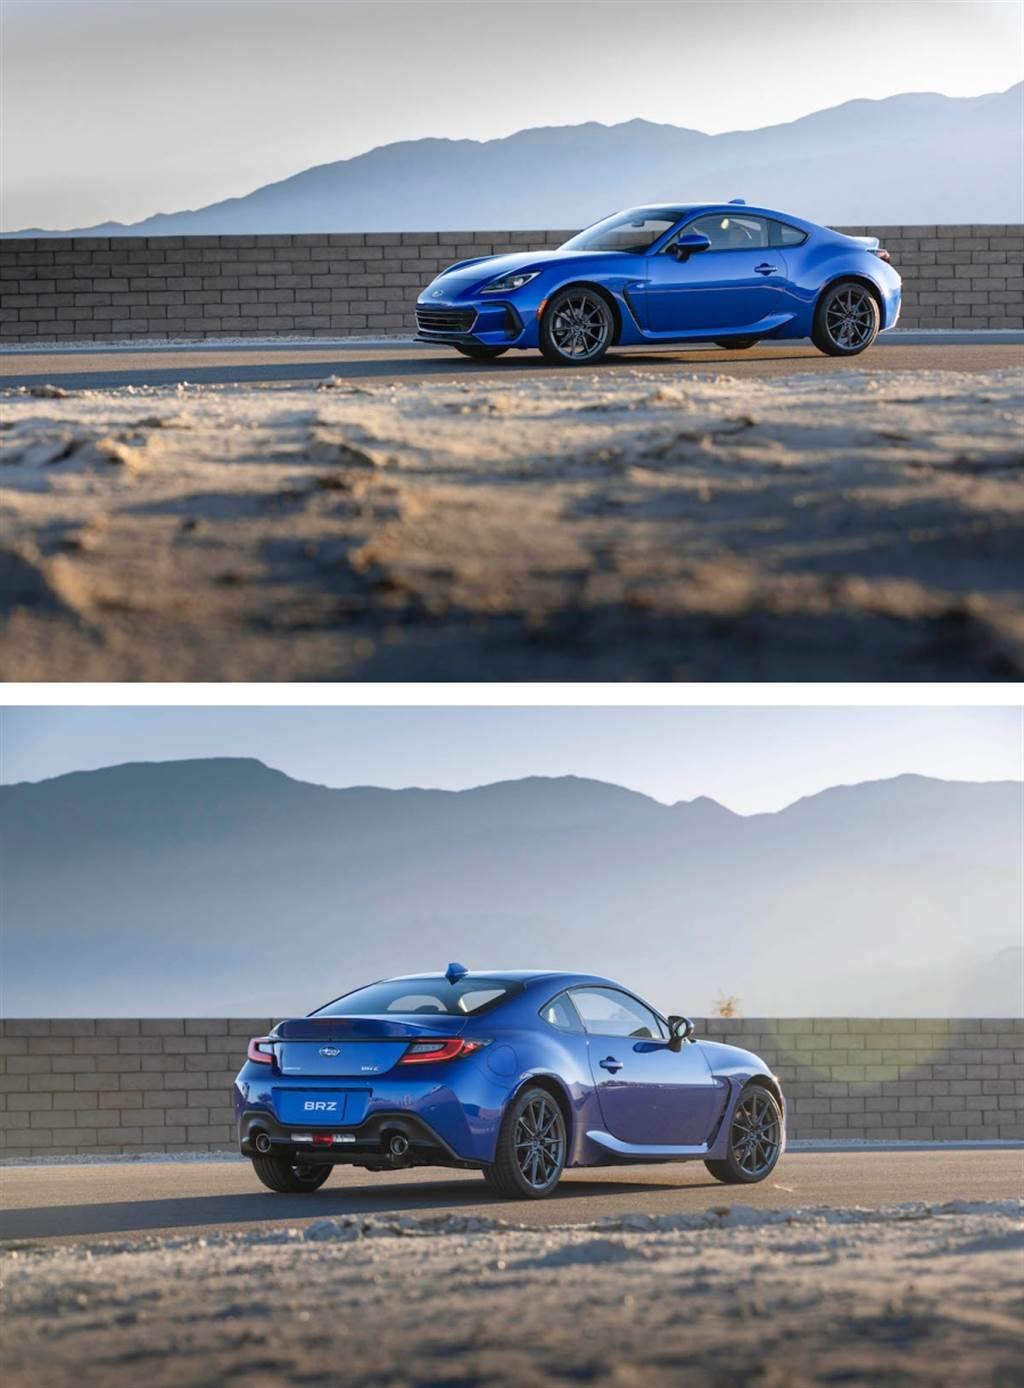 純粹 2+2 FR 跑車再進化,Subaru BRZ 第二世代正式亮相、 2021 秋季發售!